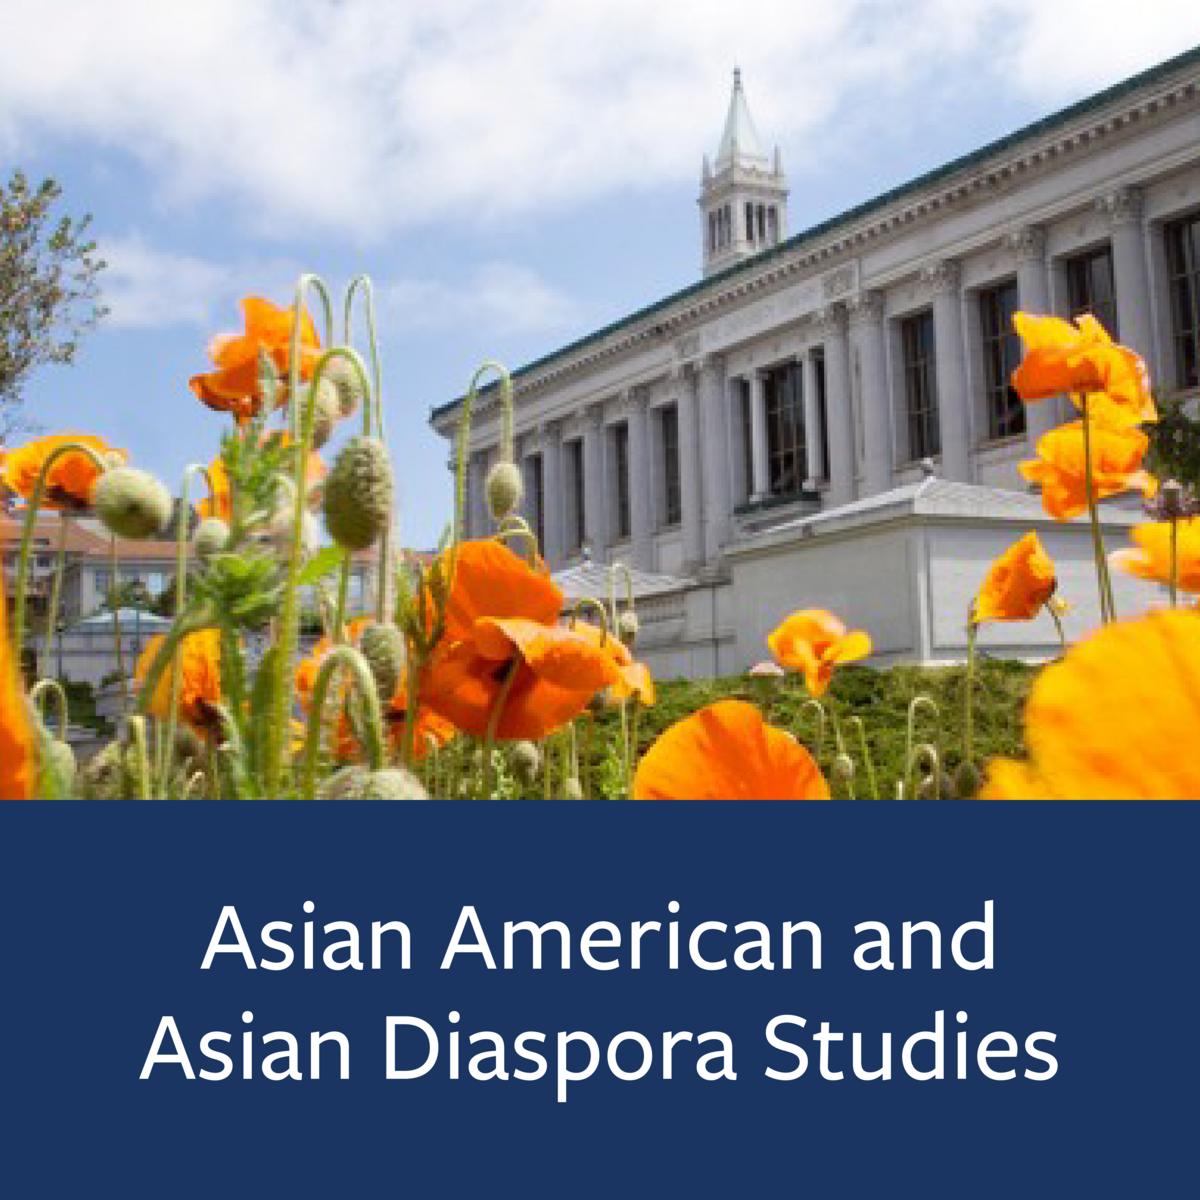 Asian American and Asian Diaspora Studies